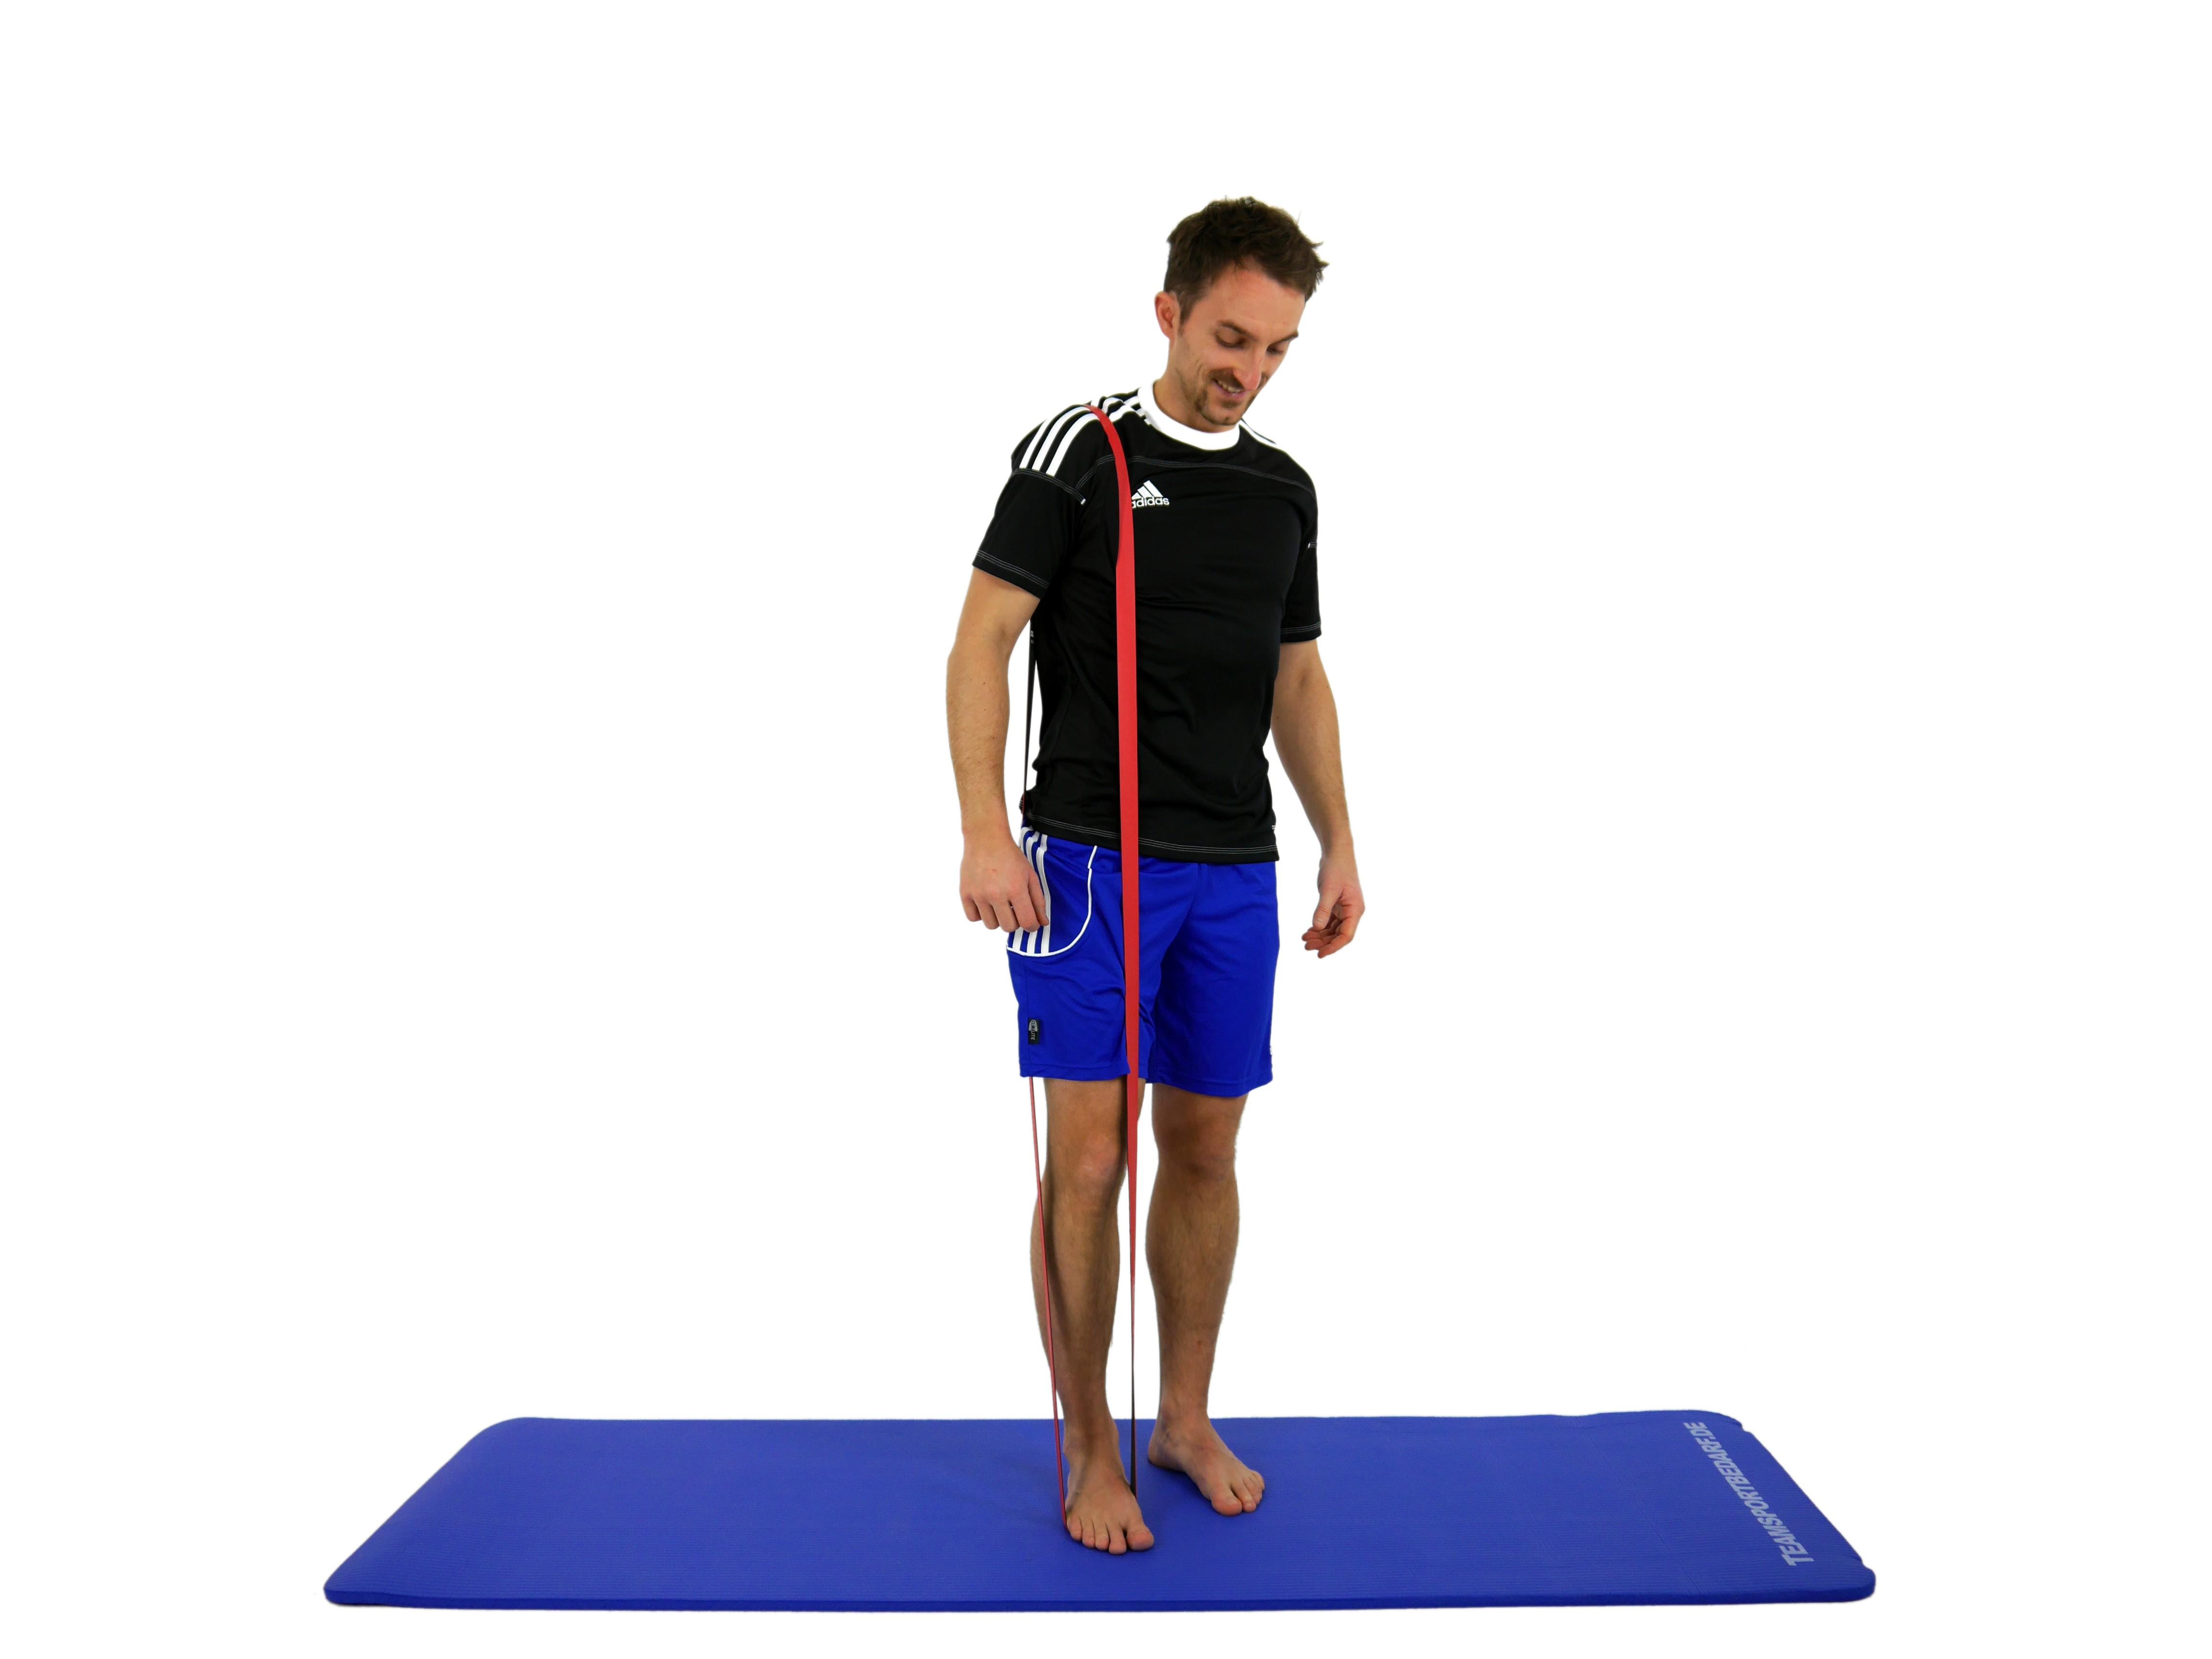 Übung Beine